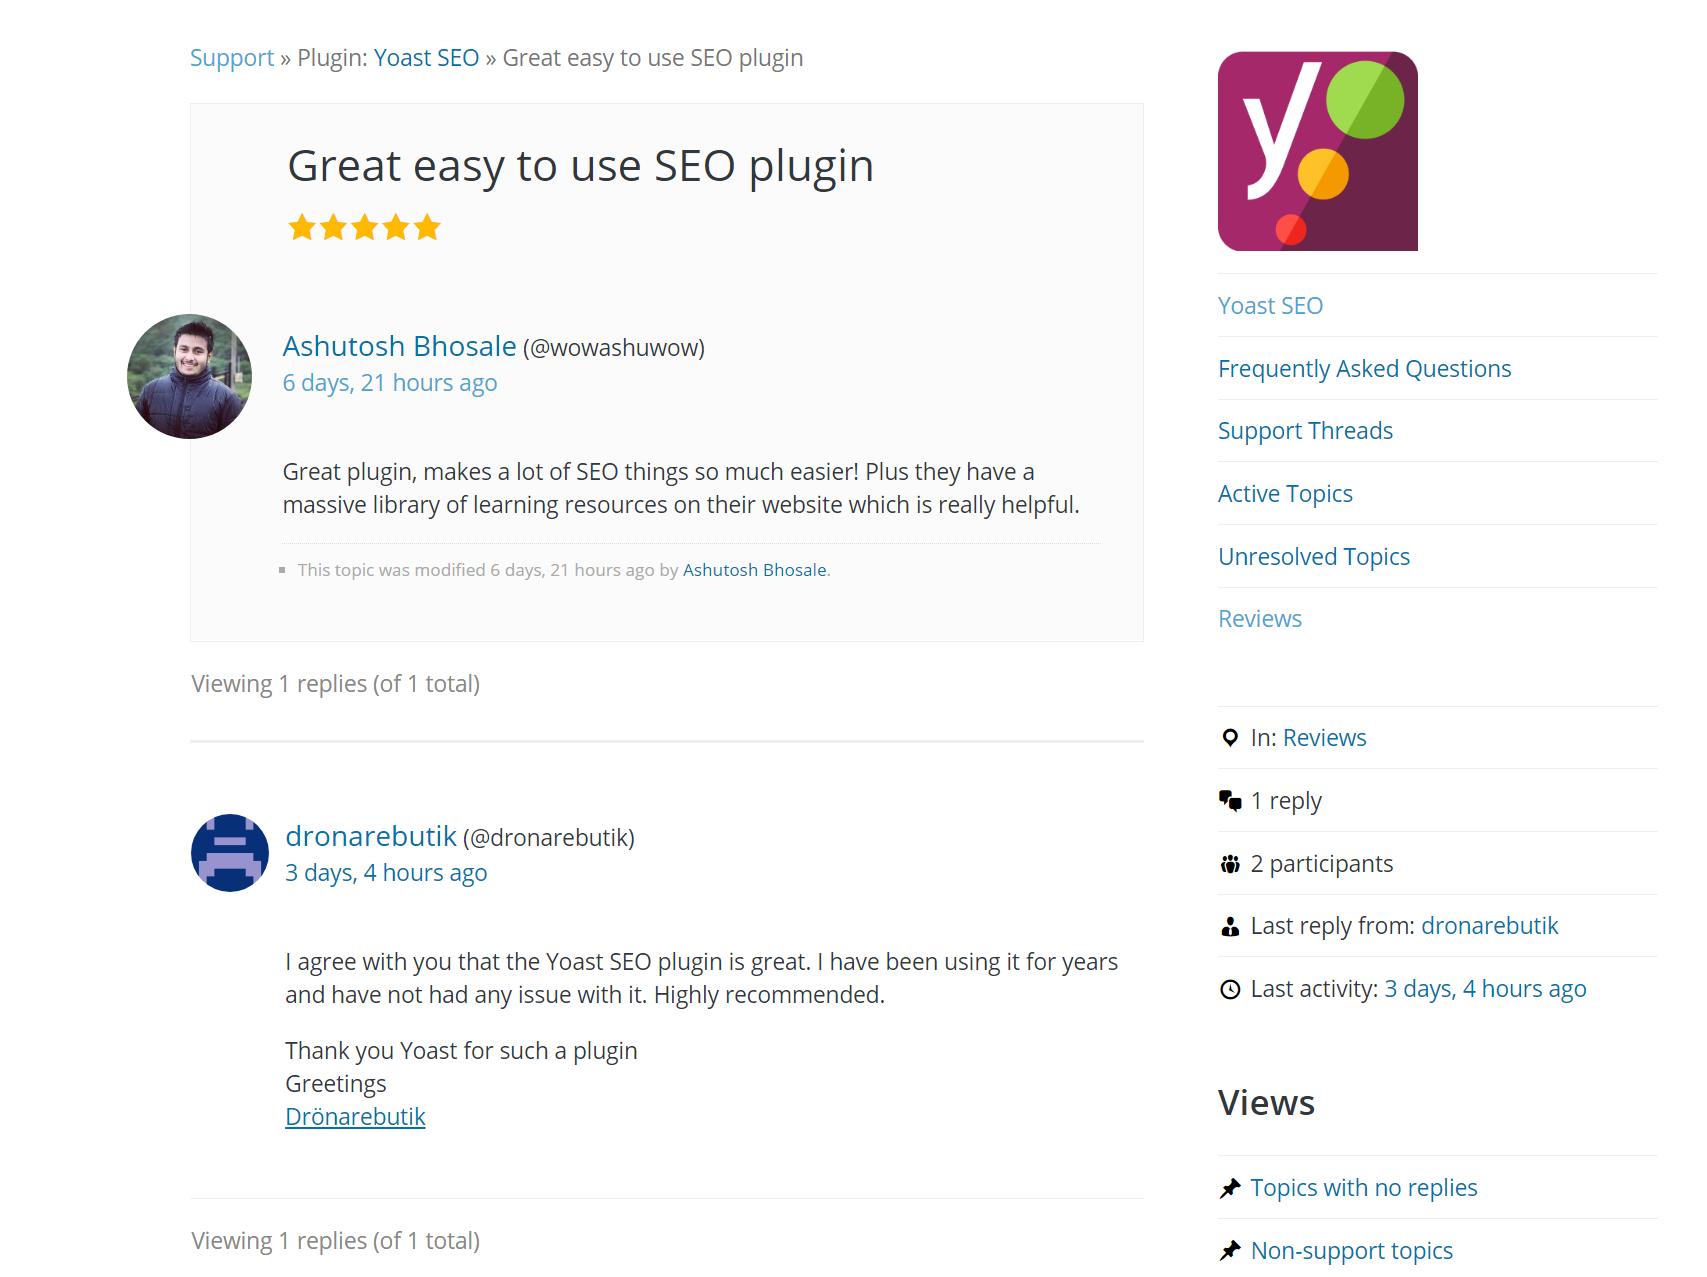 Individual user reviews for a WordPress plugin